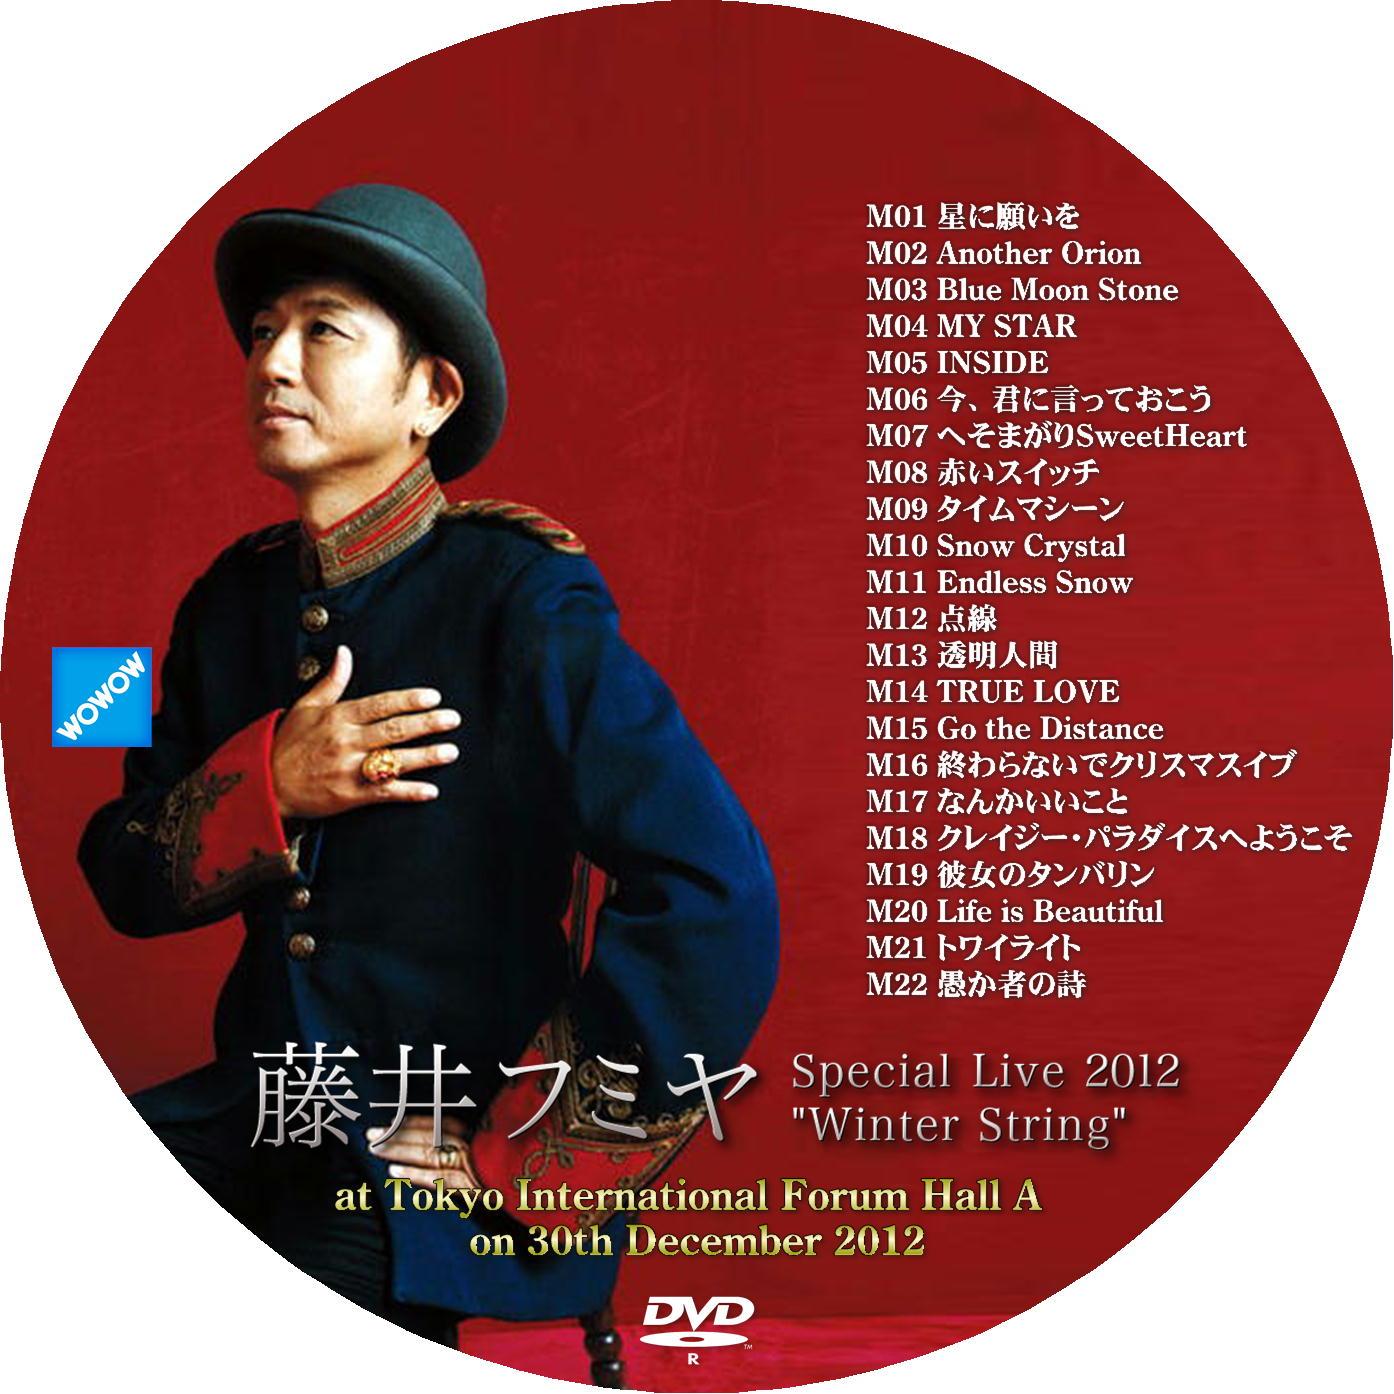 藤井フミヤ Special Live 2012 レーベル92